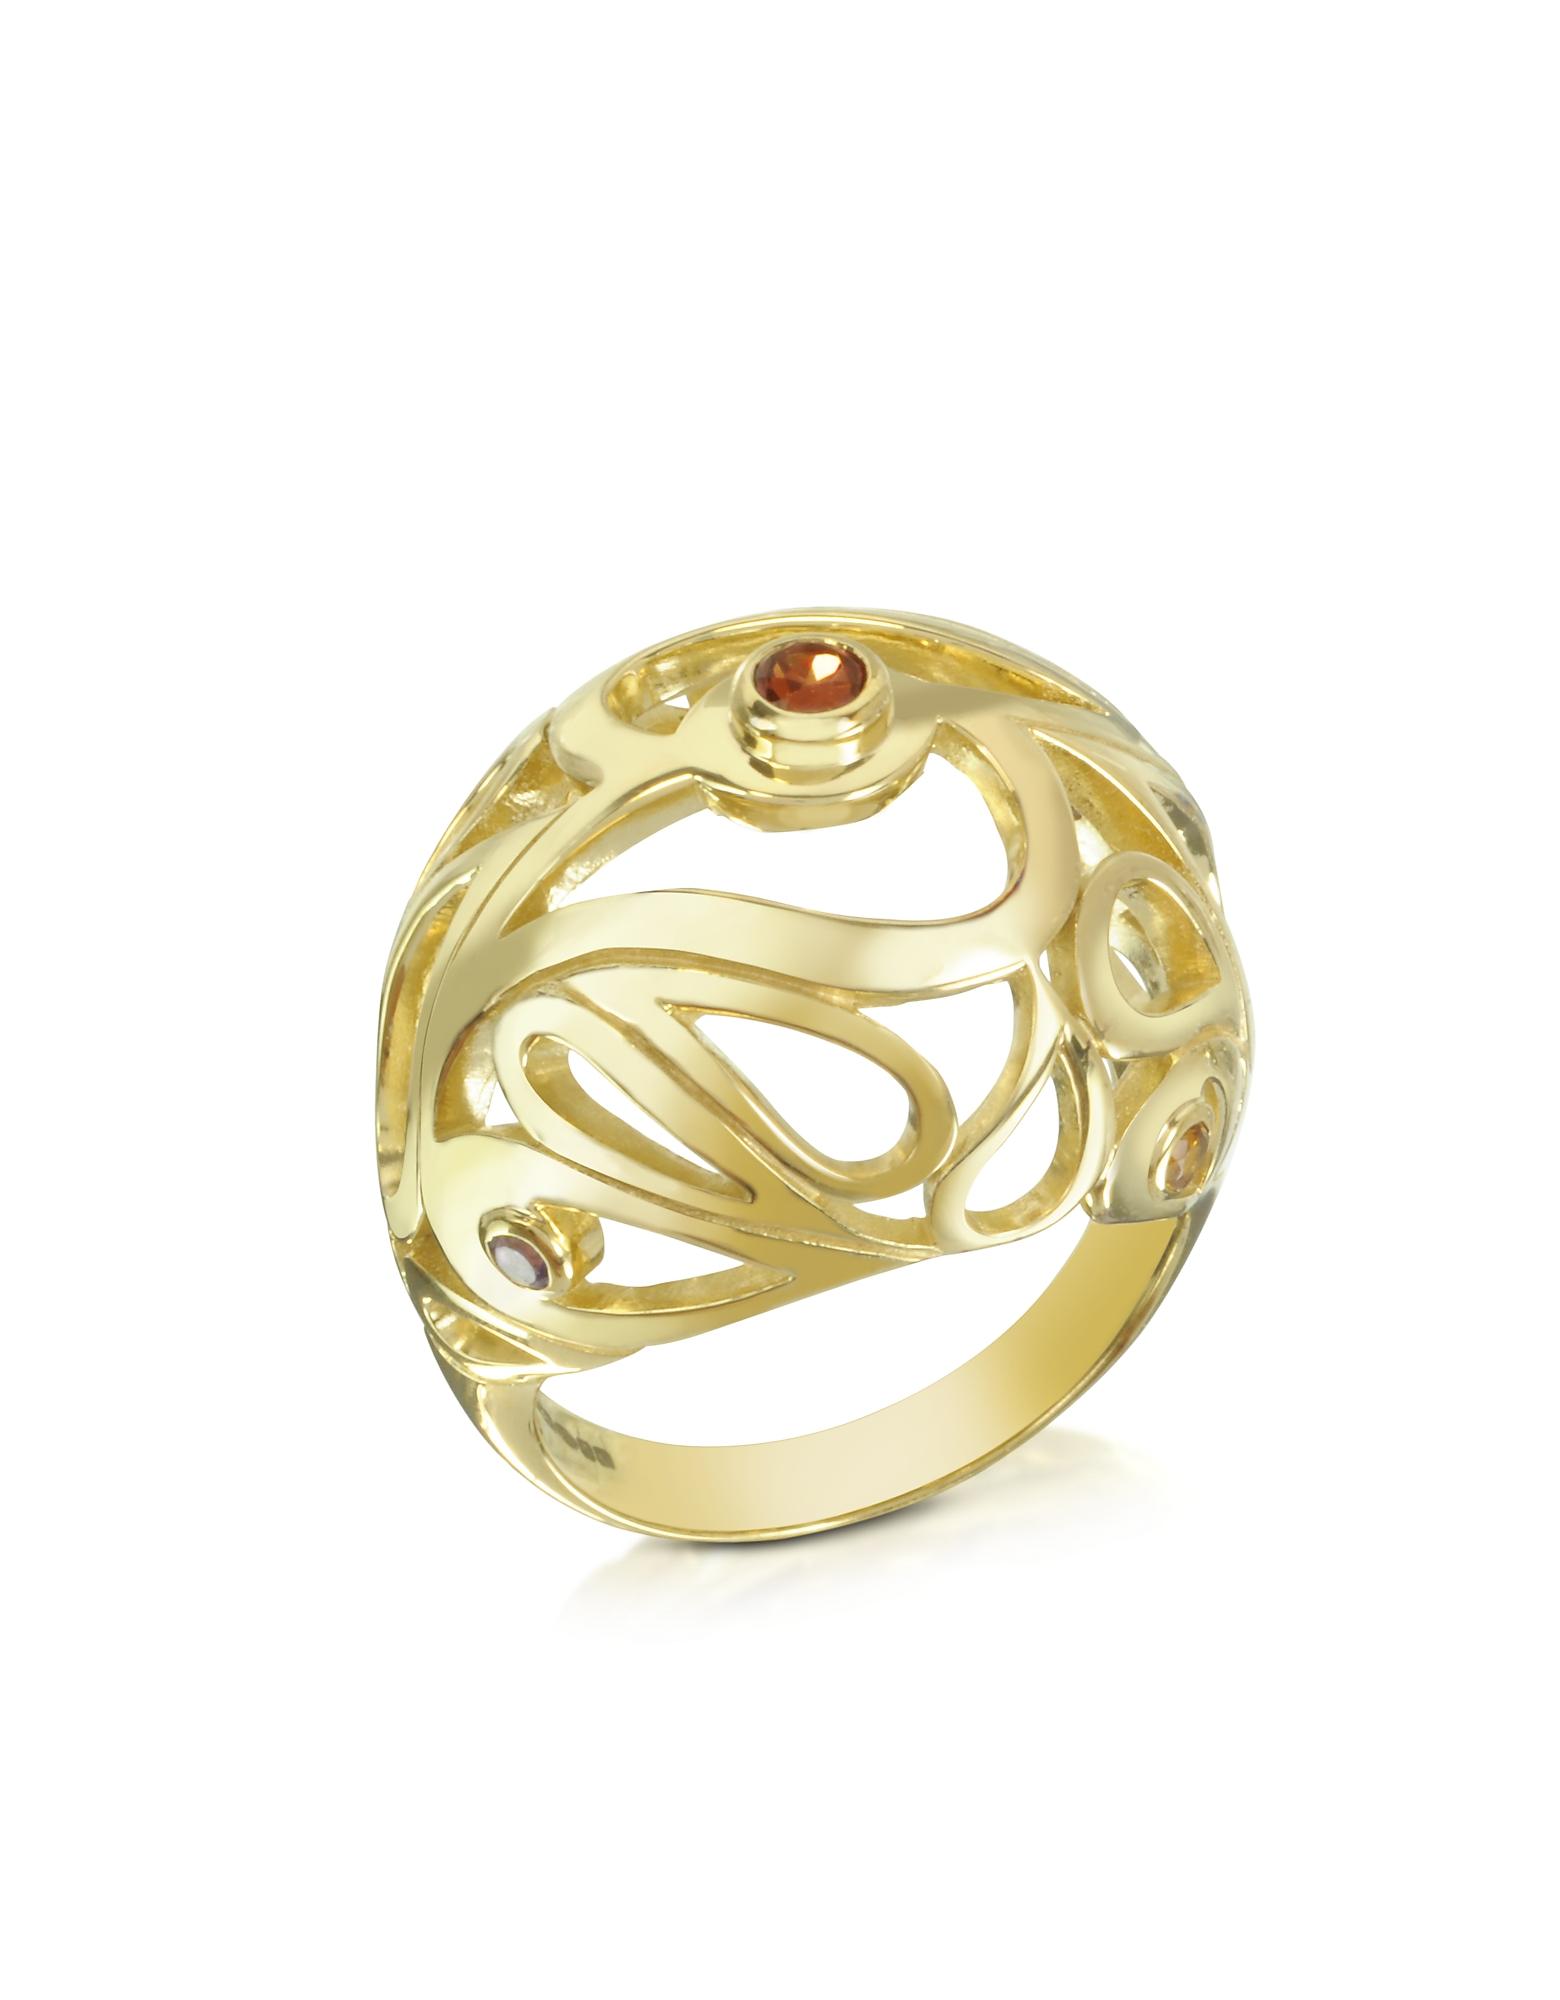 Mari- Кольцо из Серебра с Напылением Золота и Аметистом, Цитрином и Родолитом